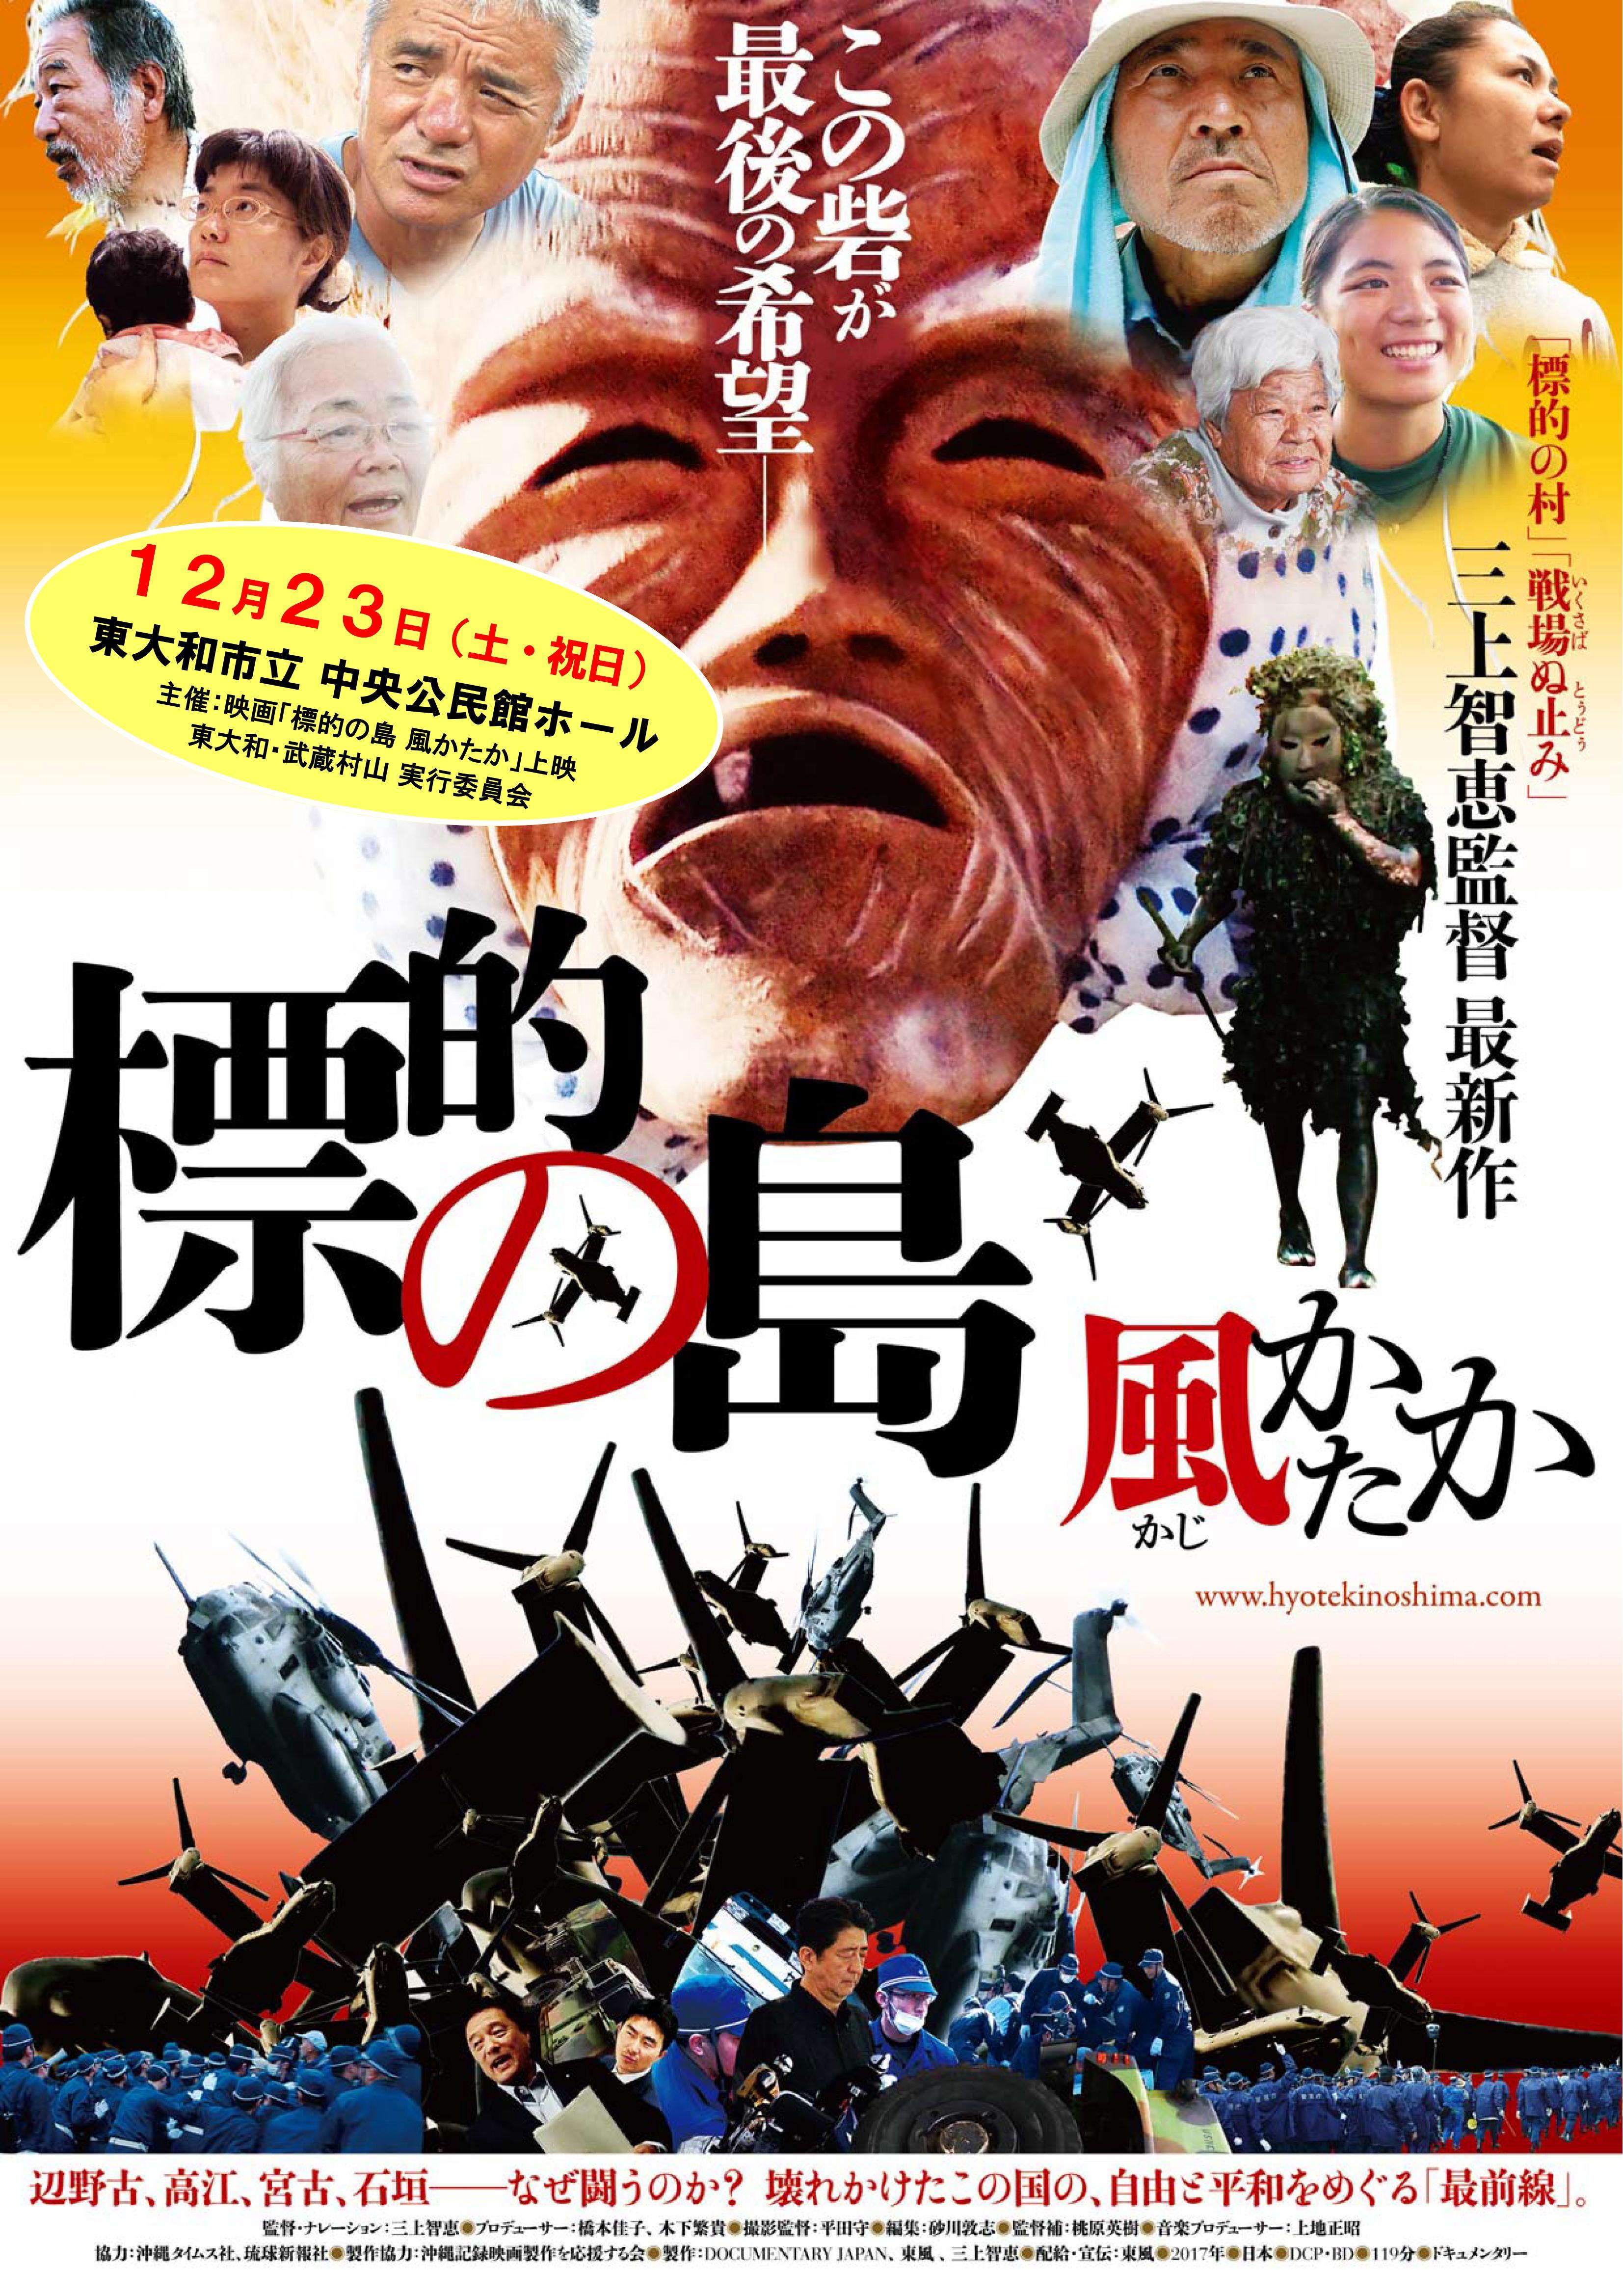 東京都東大和市中央公民館ホールにて//「標的の島 風かたか」を//上映します。